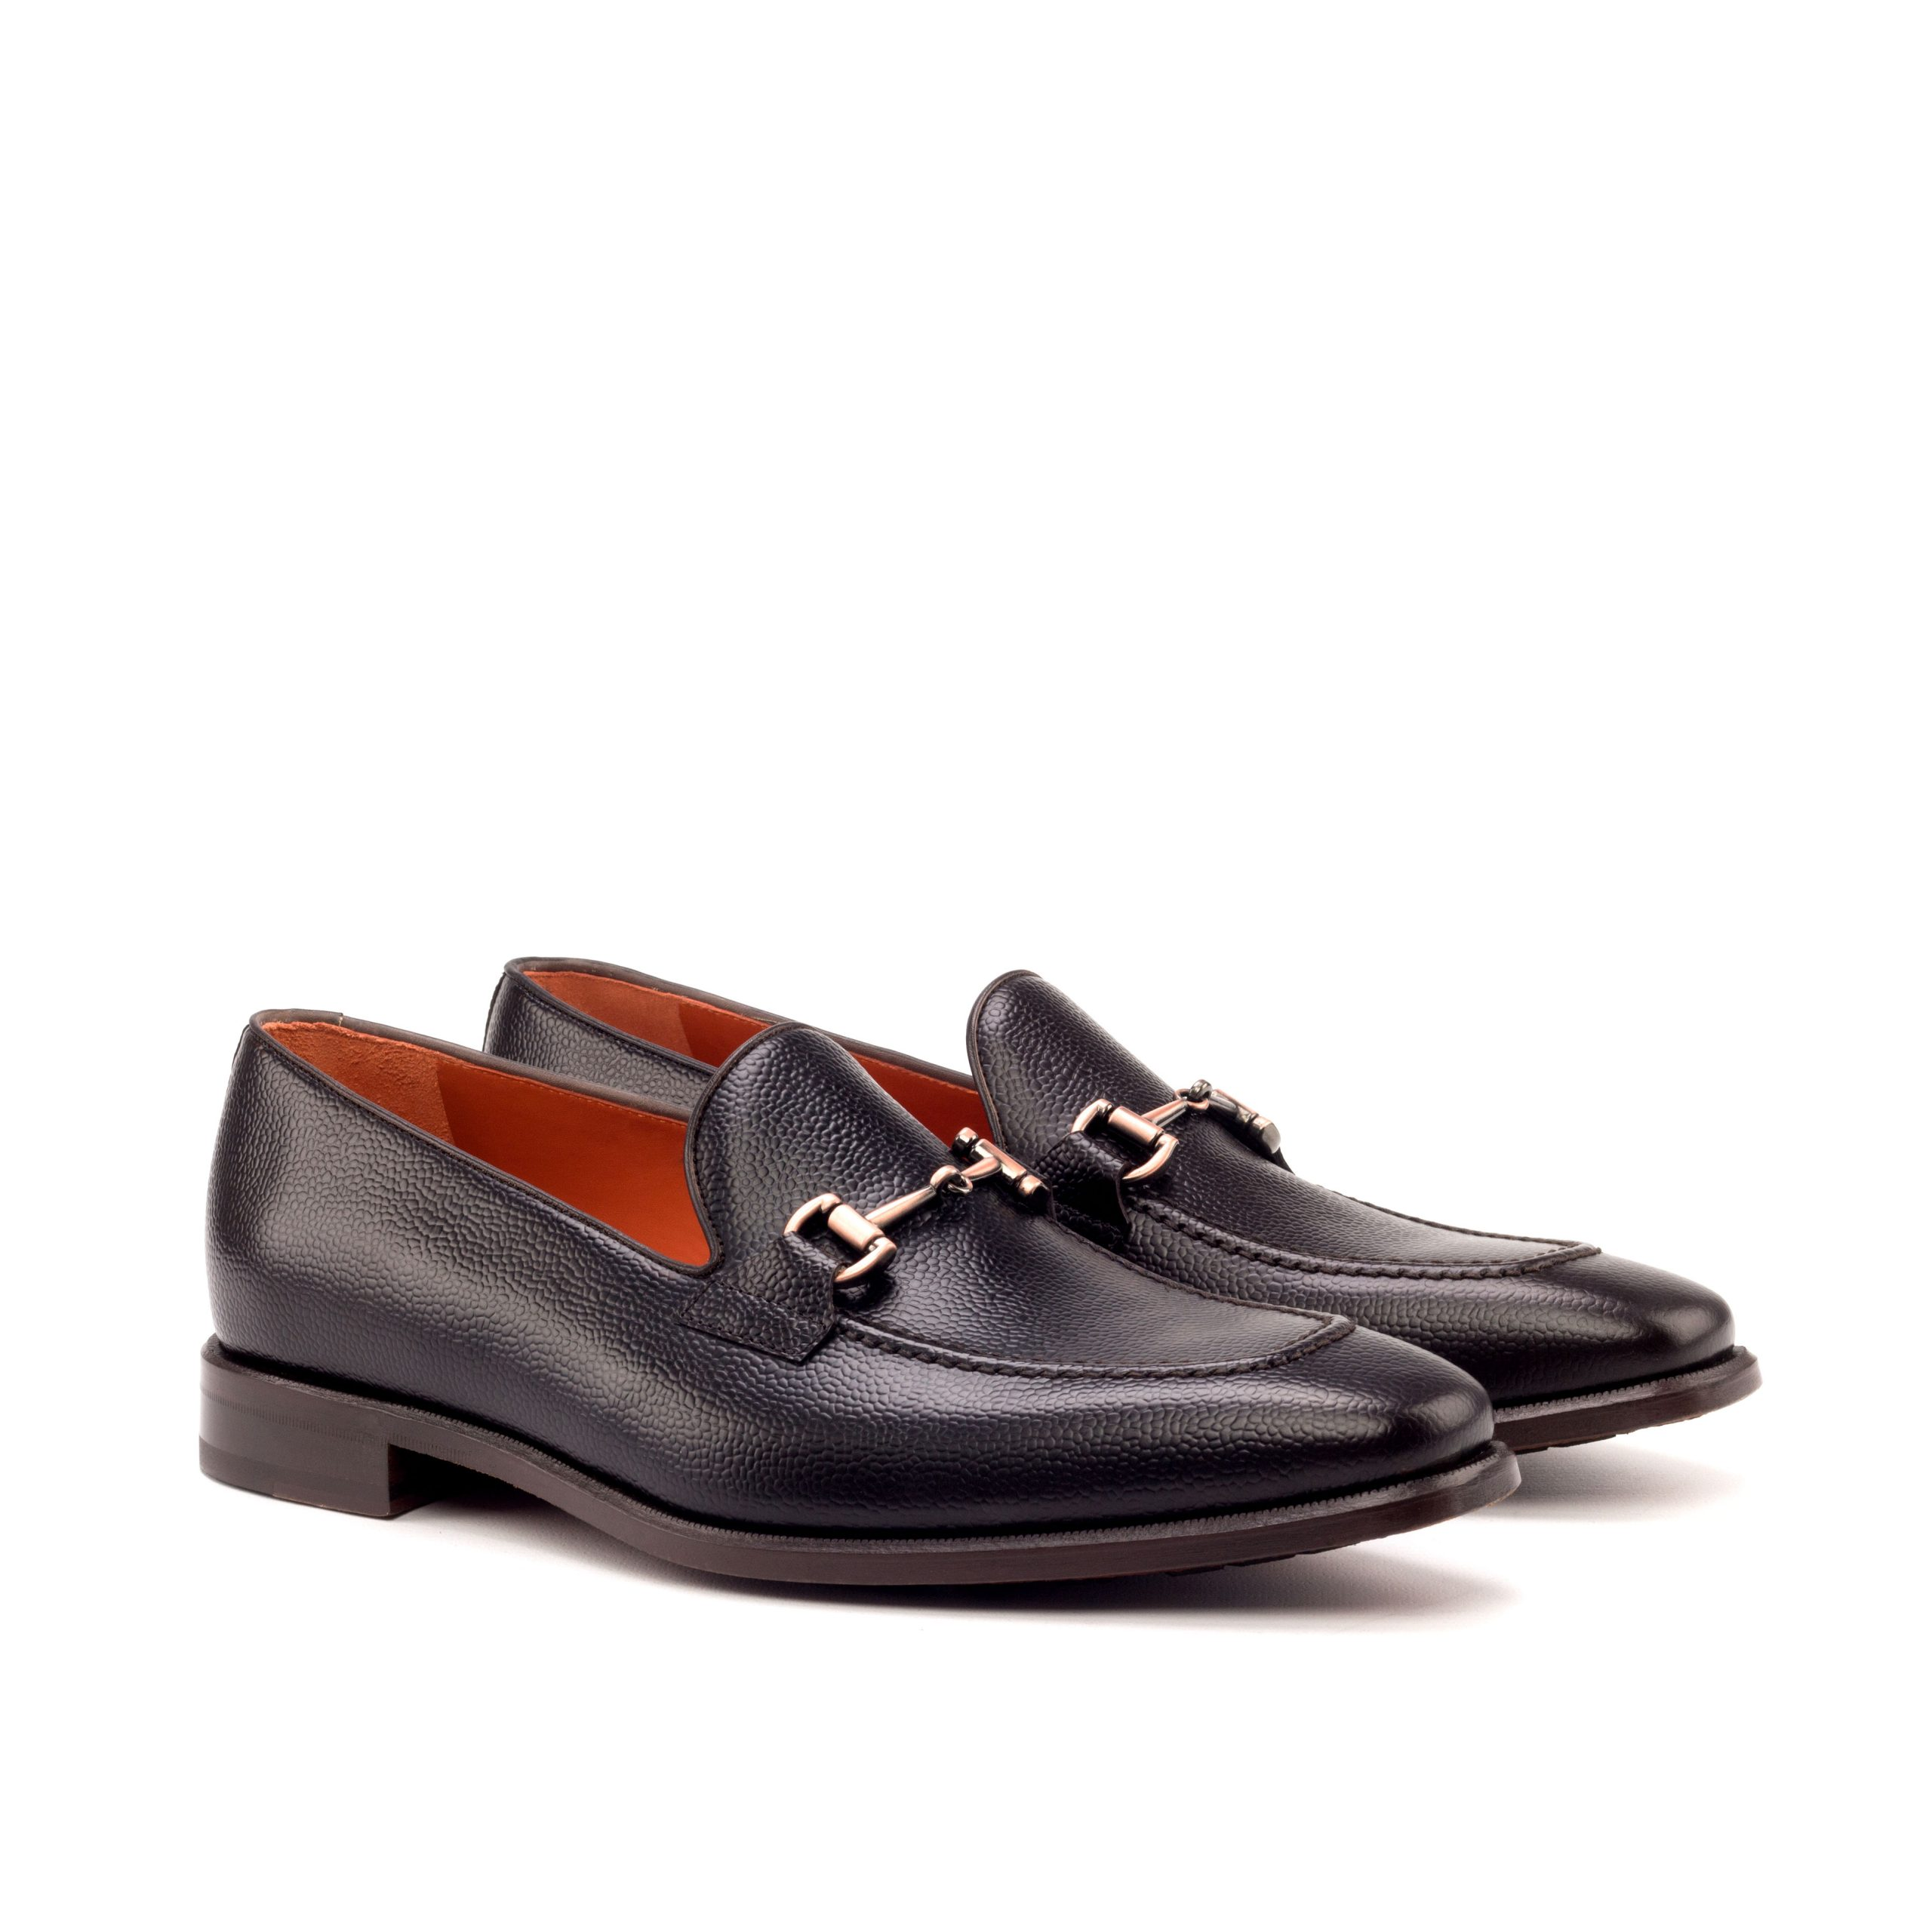 Loafer Bit - Painted Pebblegrain Dark Brown-Painted Calf dark Brown-Ang5